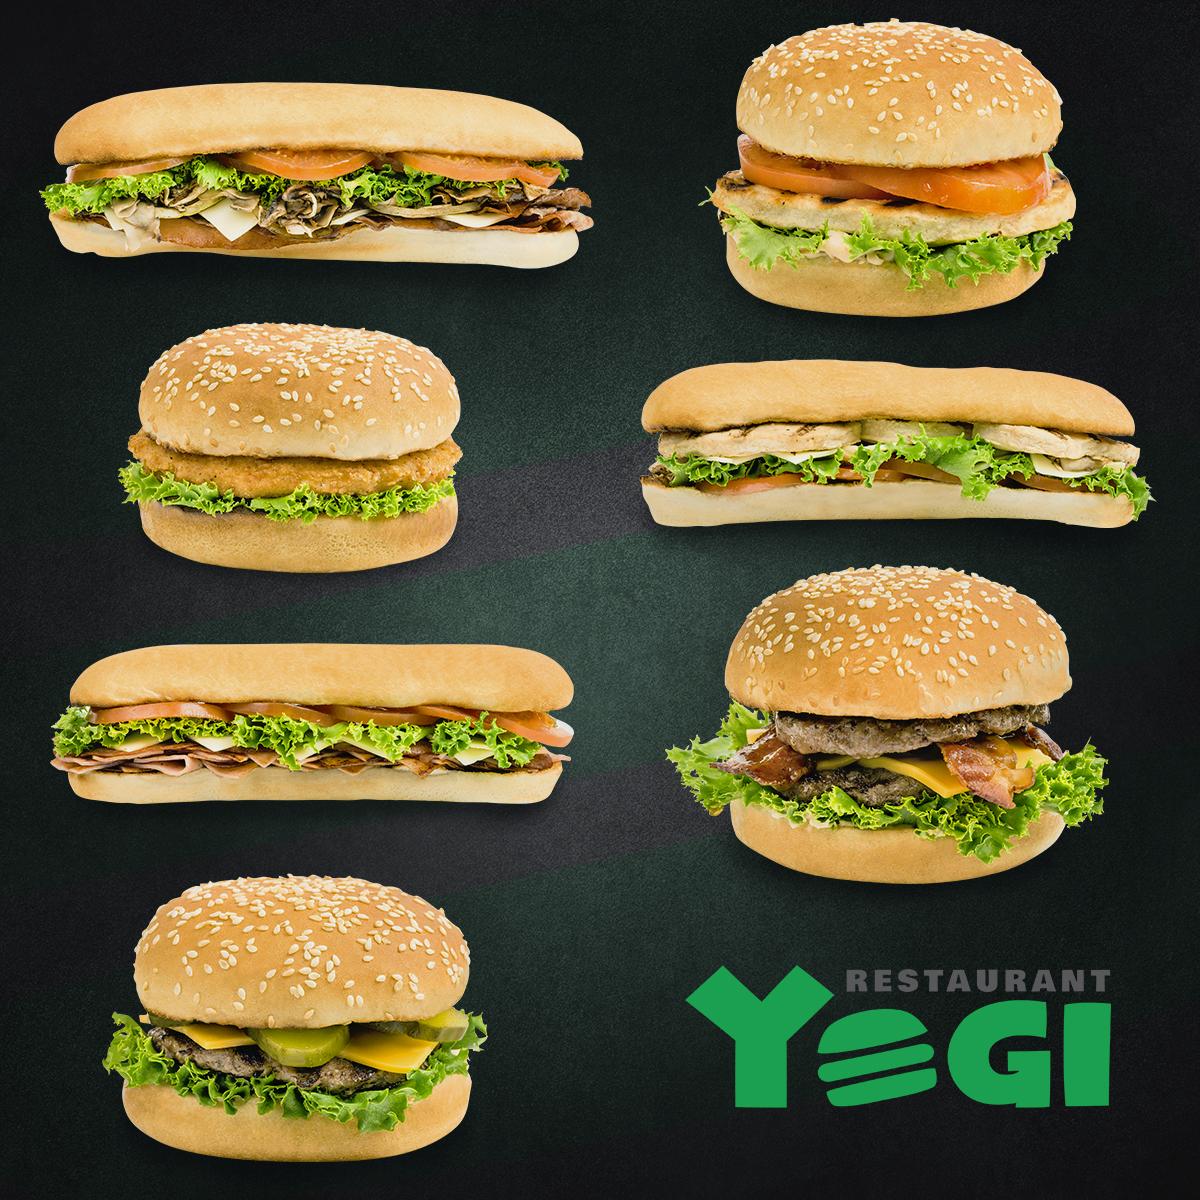 Photos culinaires pour le restaurant Yogi au Lac-Saint-Jean